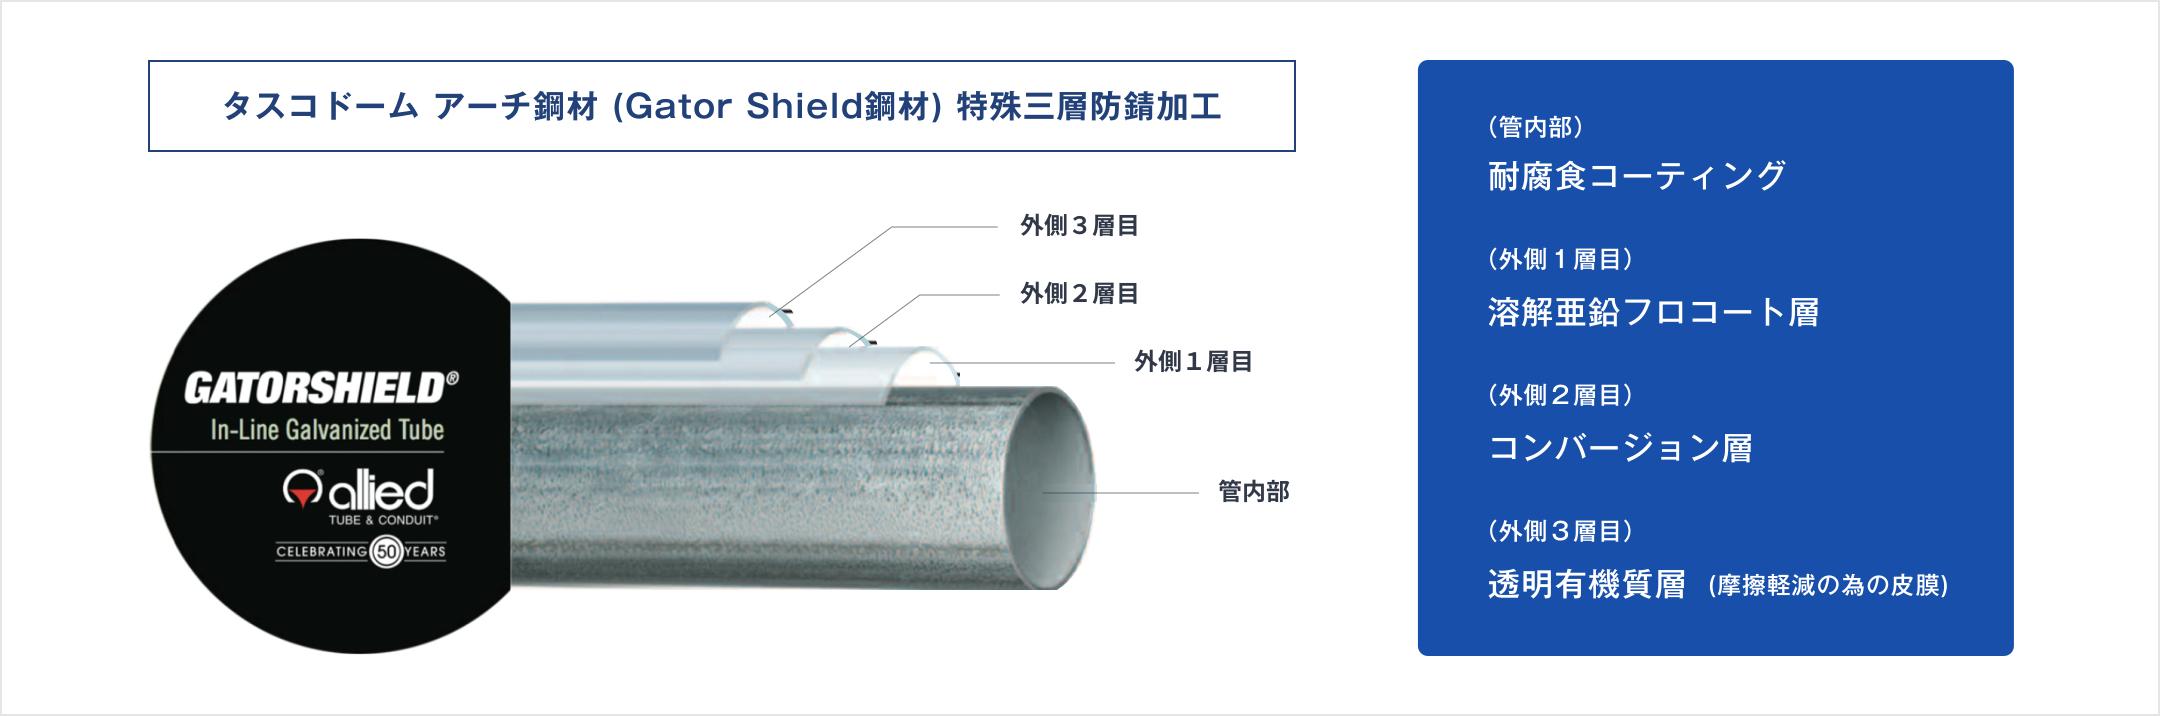 タスコドーム アーチ鋼材(Gator Shield鋼材)特殊三層防錆加工 イメージ